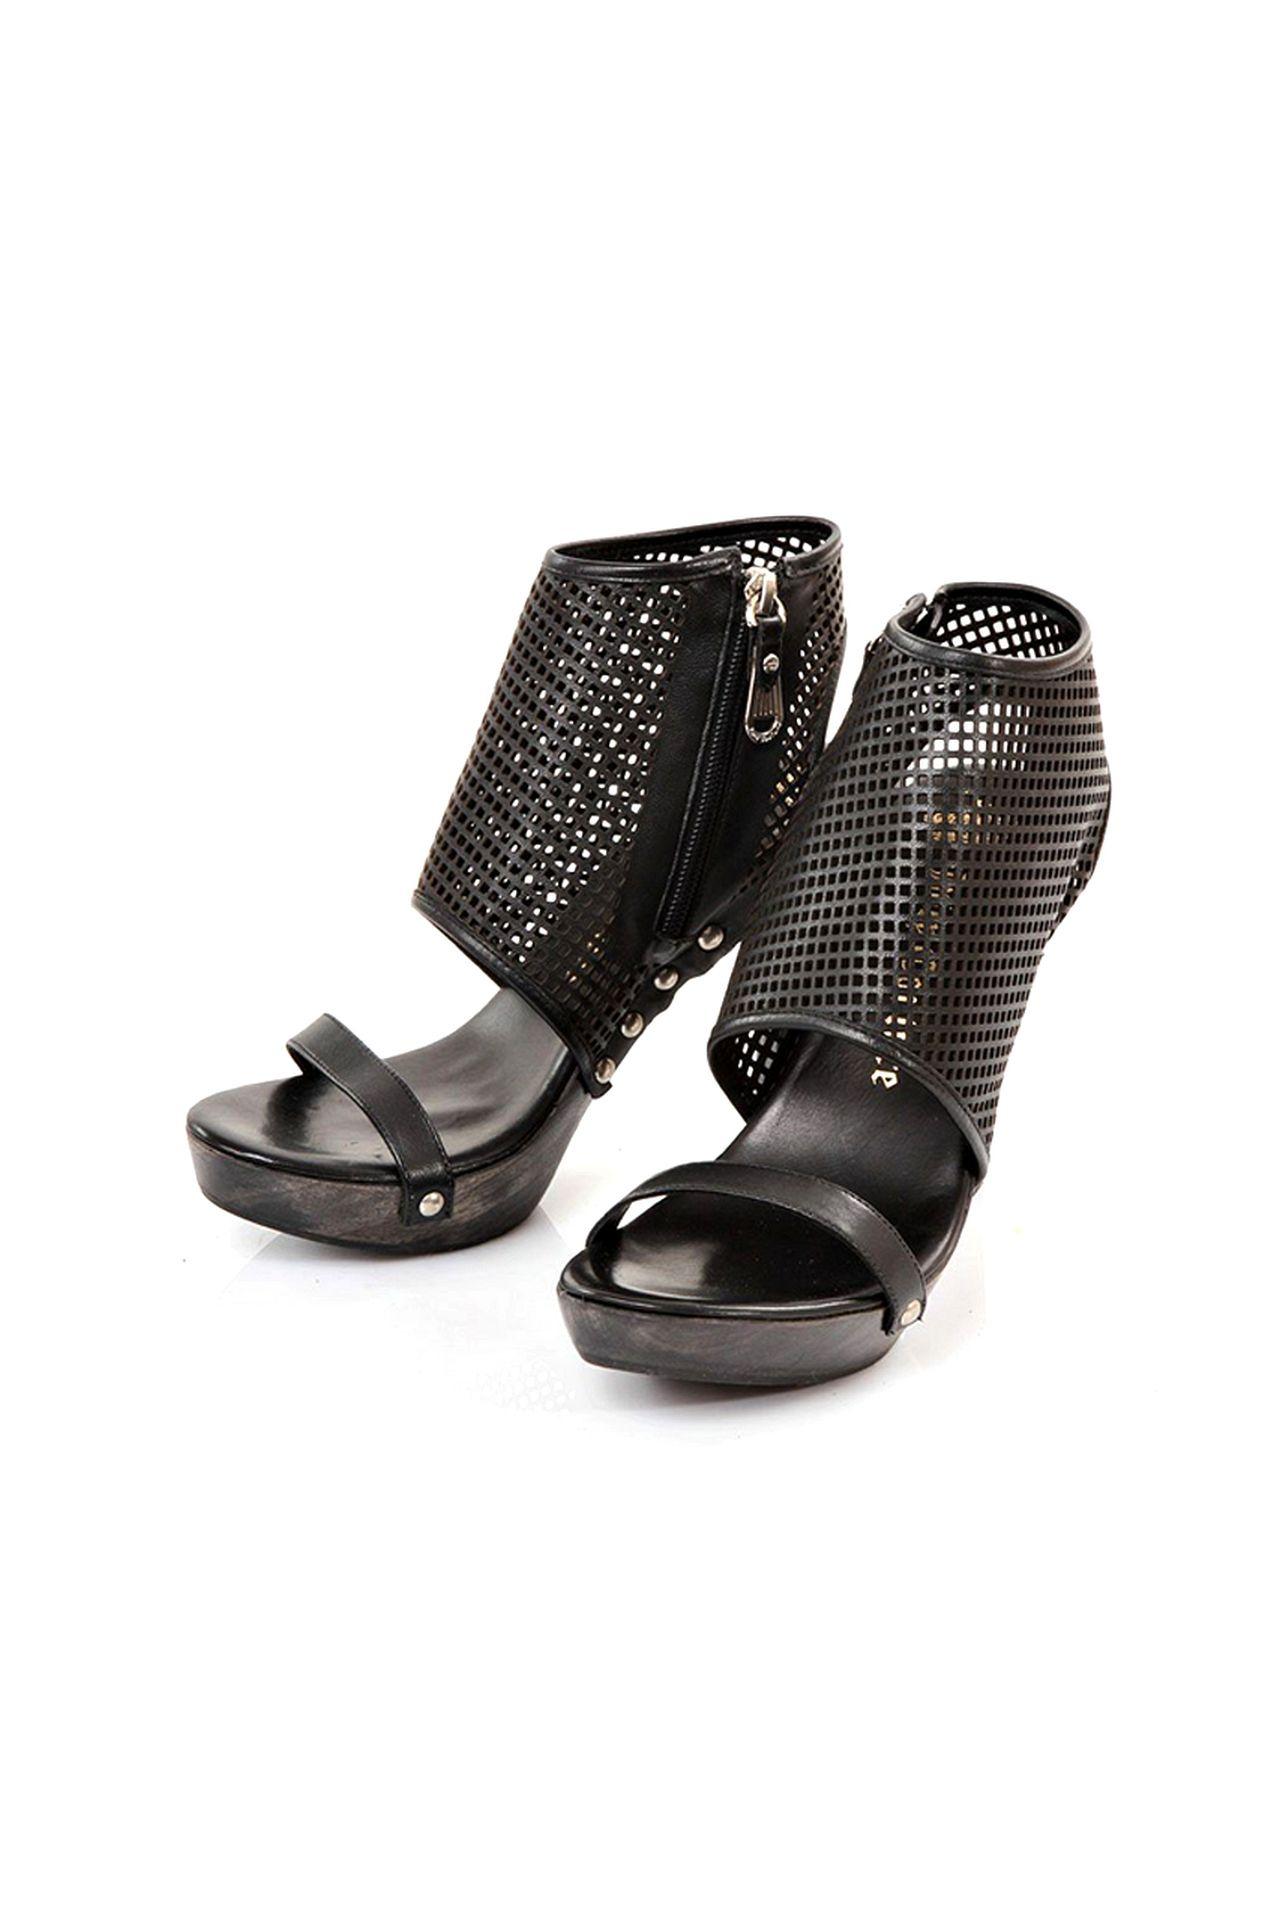 Босоножки Juicy Couture ботинки нат кожа woodland черные р 40